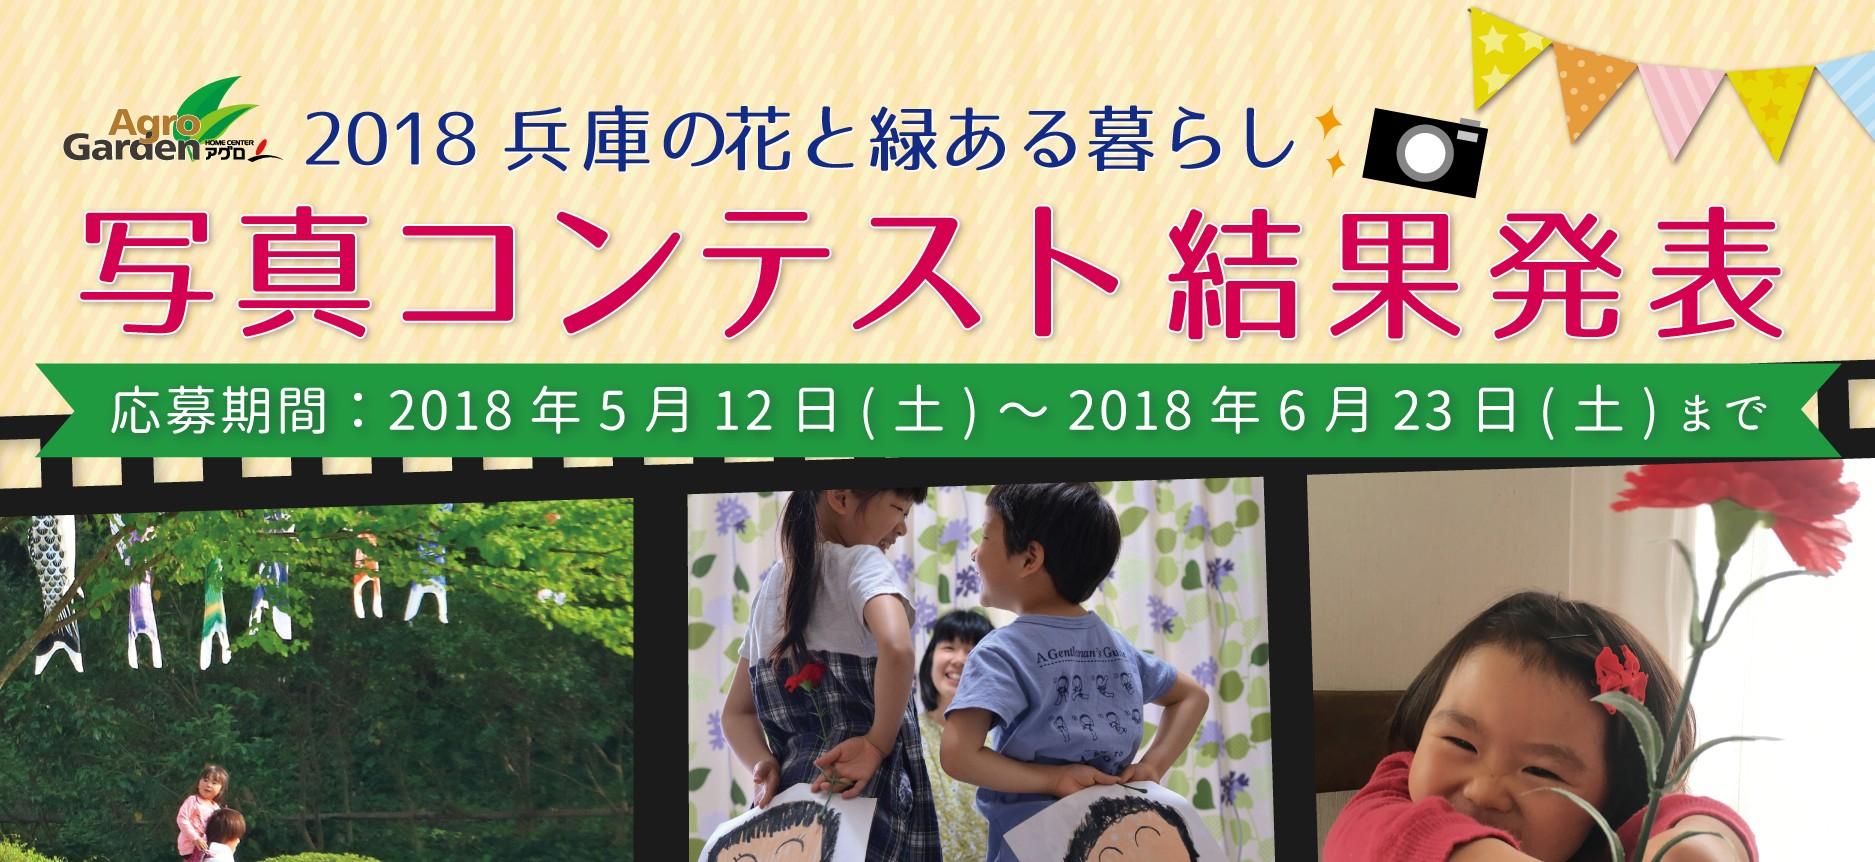 2018 兵庫の花と緑ある暮らし 写真コンテスト 結果発表